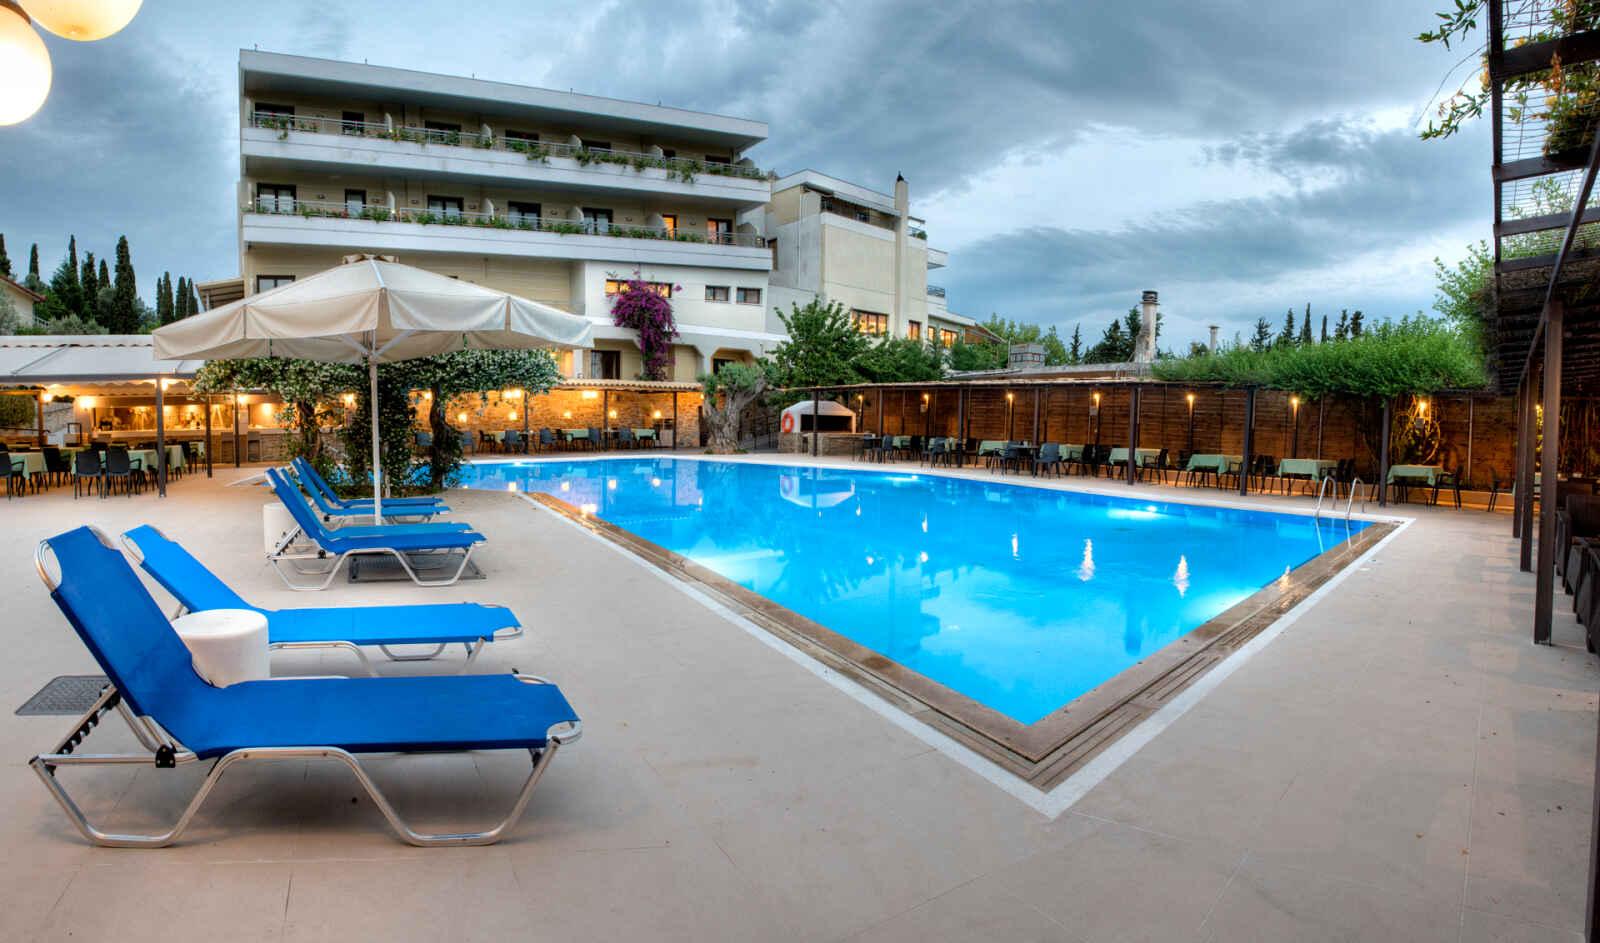 Séjour Grèce continentale - Miramare Hotel Eretria - 4*